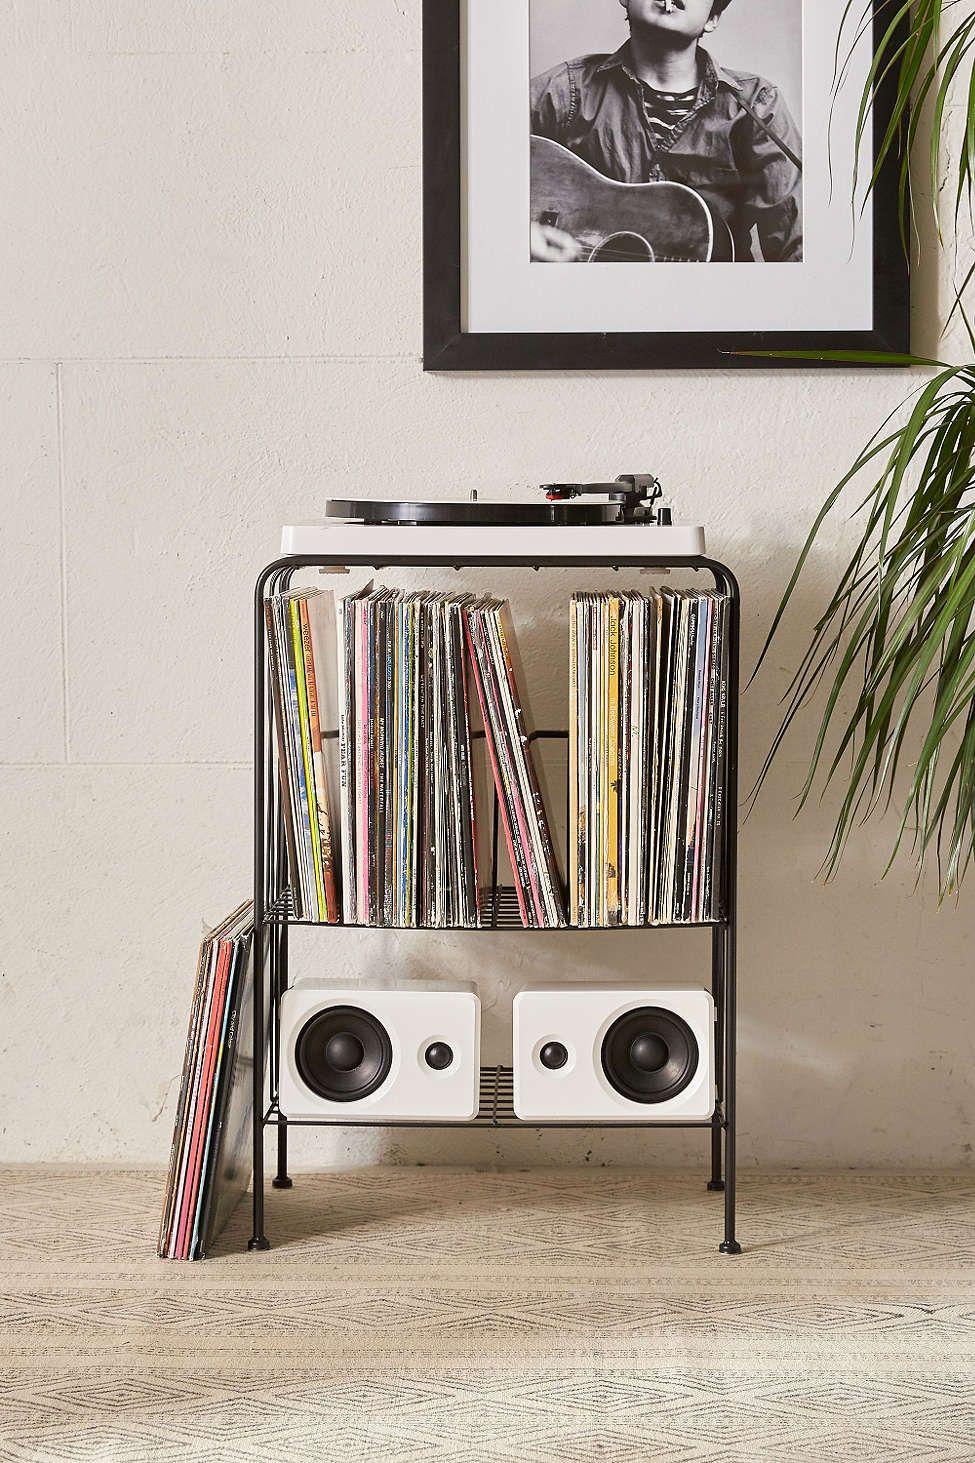 Melanie vinyl storage vinyl record storage shelf vinyl